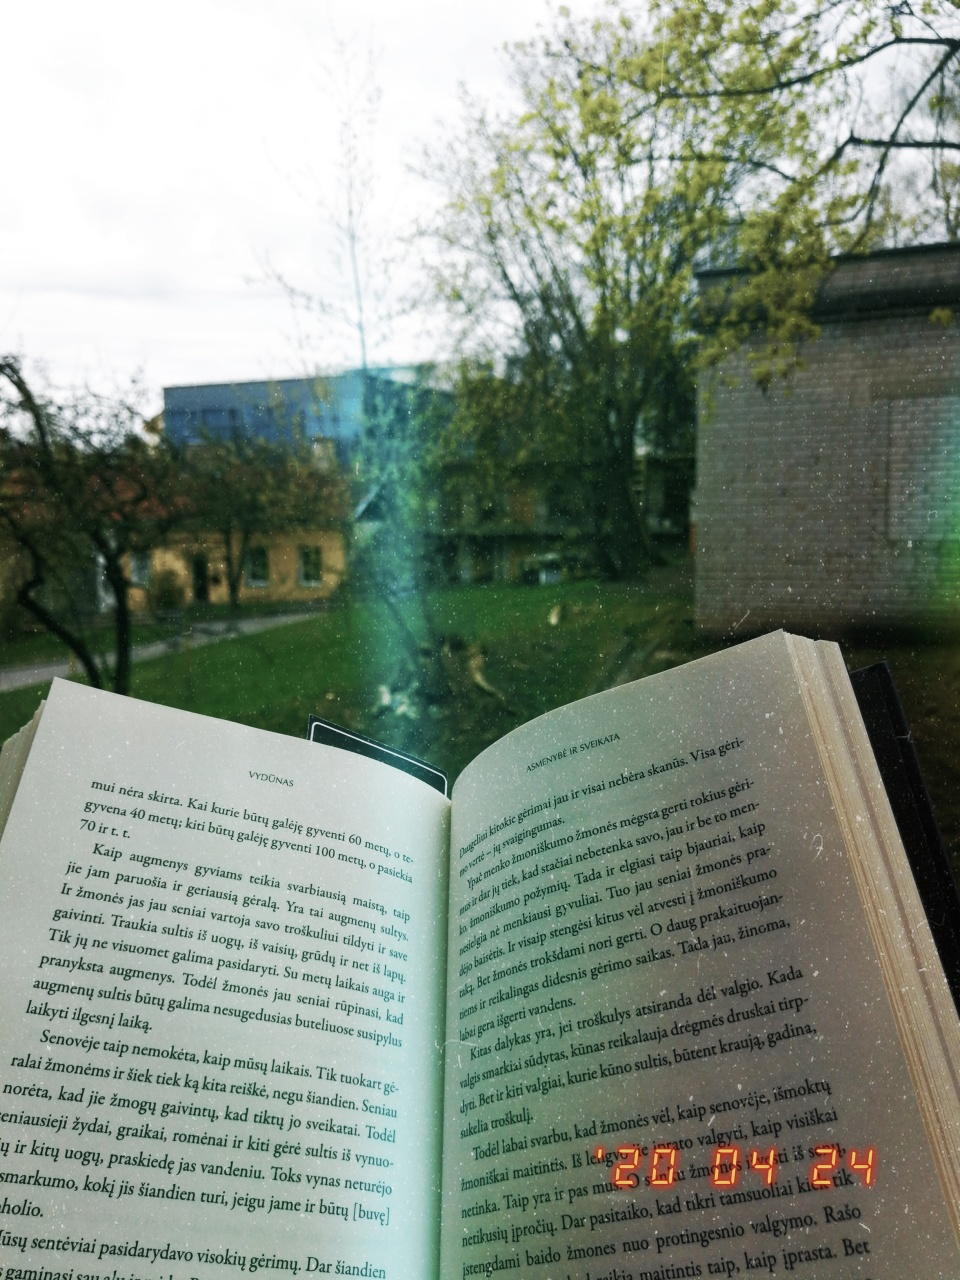 kaip jūs skaitote populiariausių knygų dvejetainiai variantai